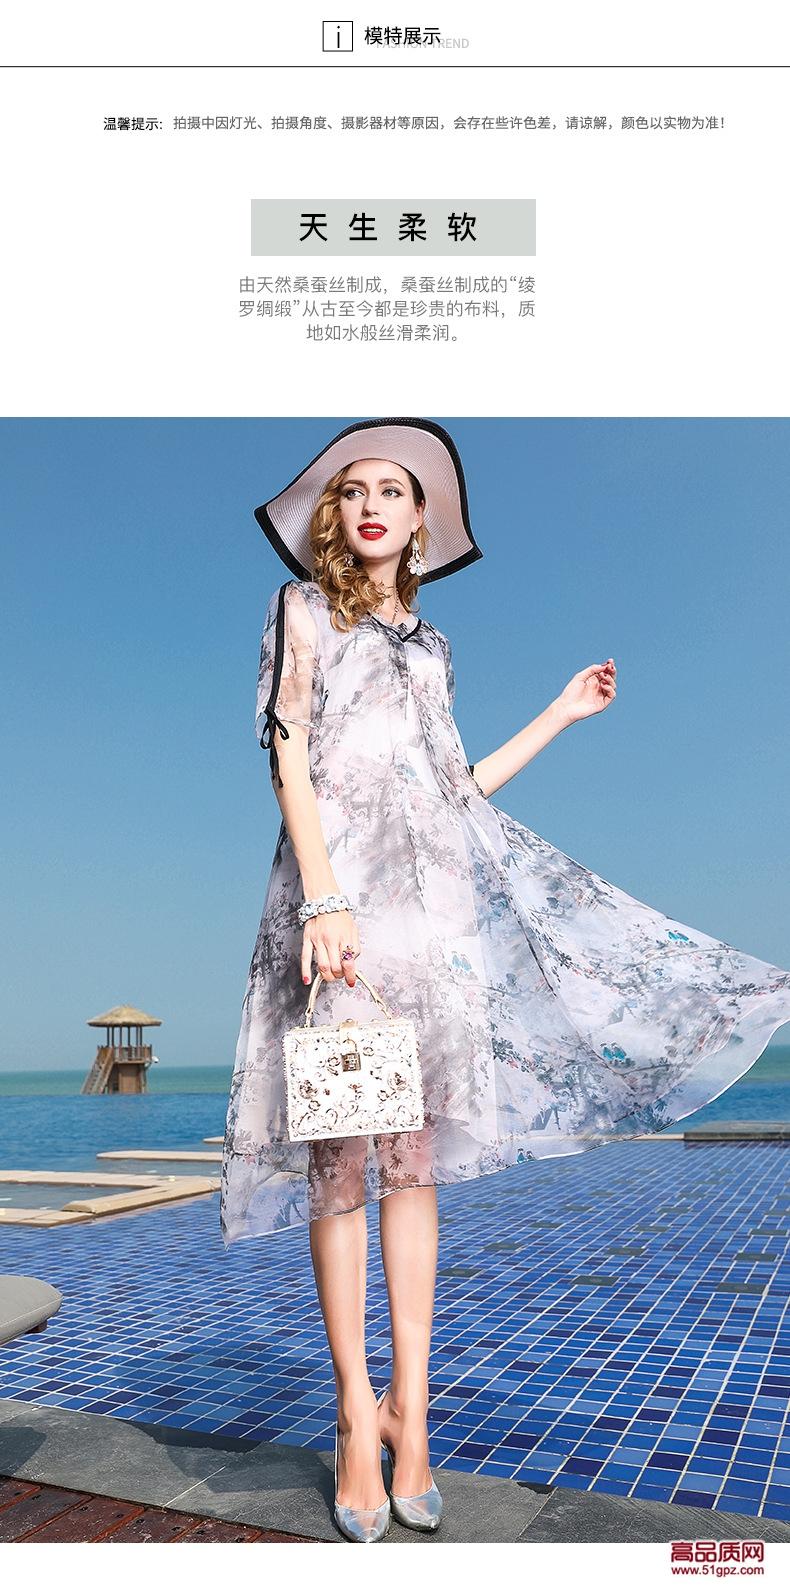 连衣裙夏2018灰蓝色复古中国风欧美修身女装真丝蚕丝欧根纱中长A字裙沙滩裙子